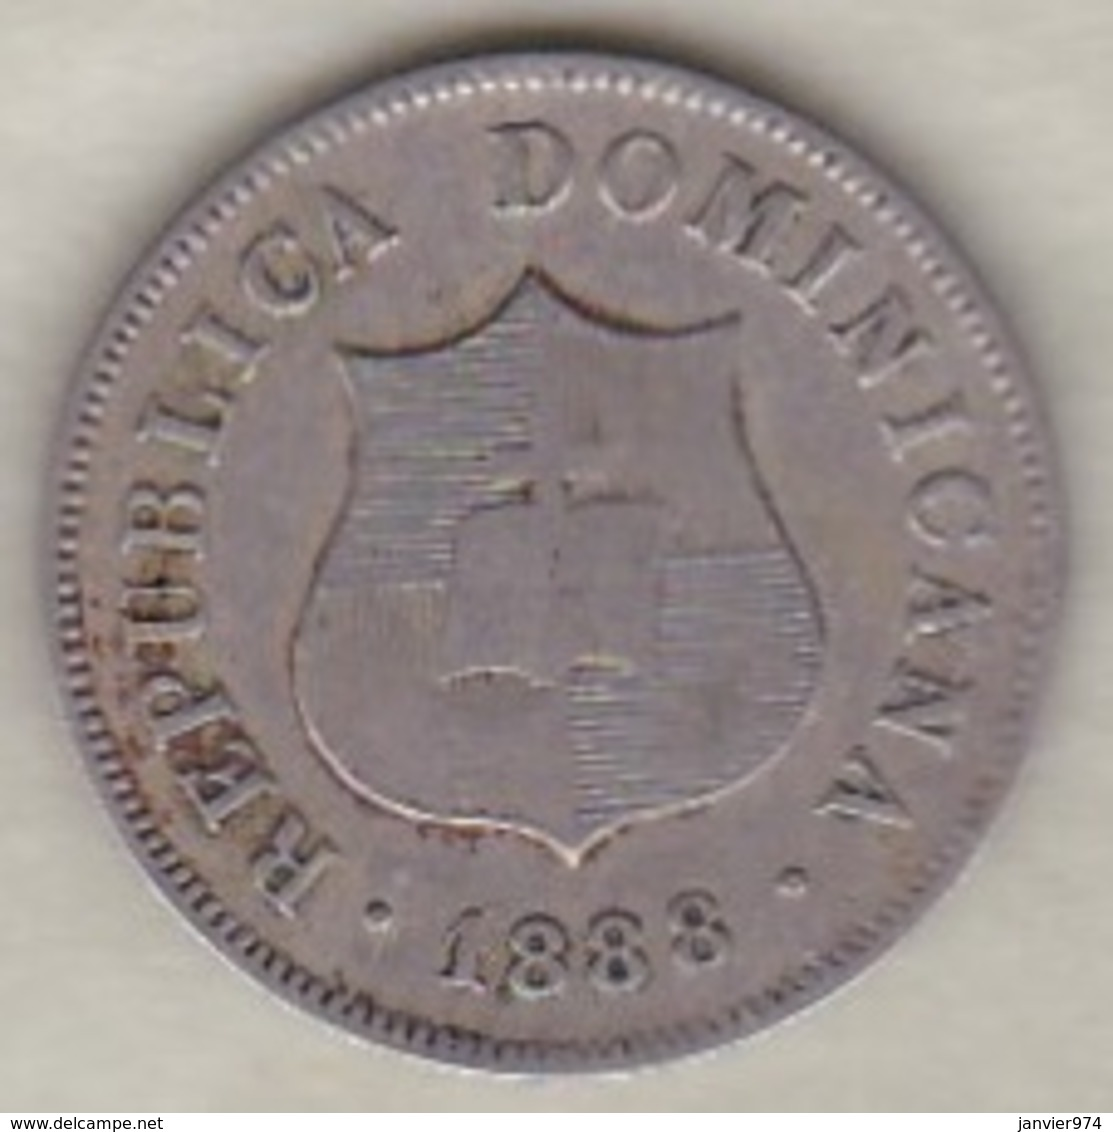 Republique Dominicaine . 2 ½ Centavos 1888 A Paris , KM# 7.3 - Dominicaine